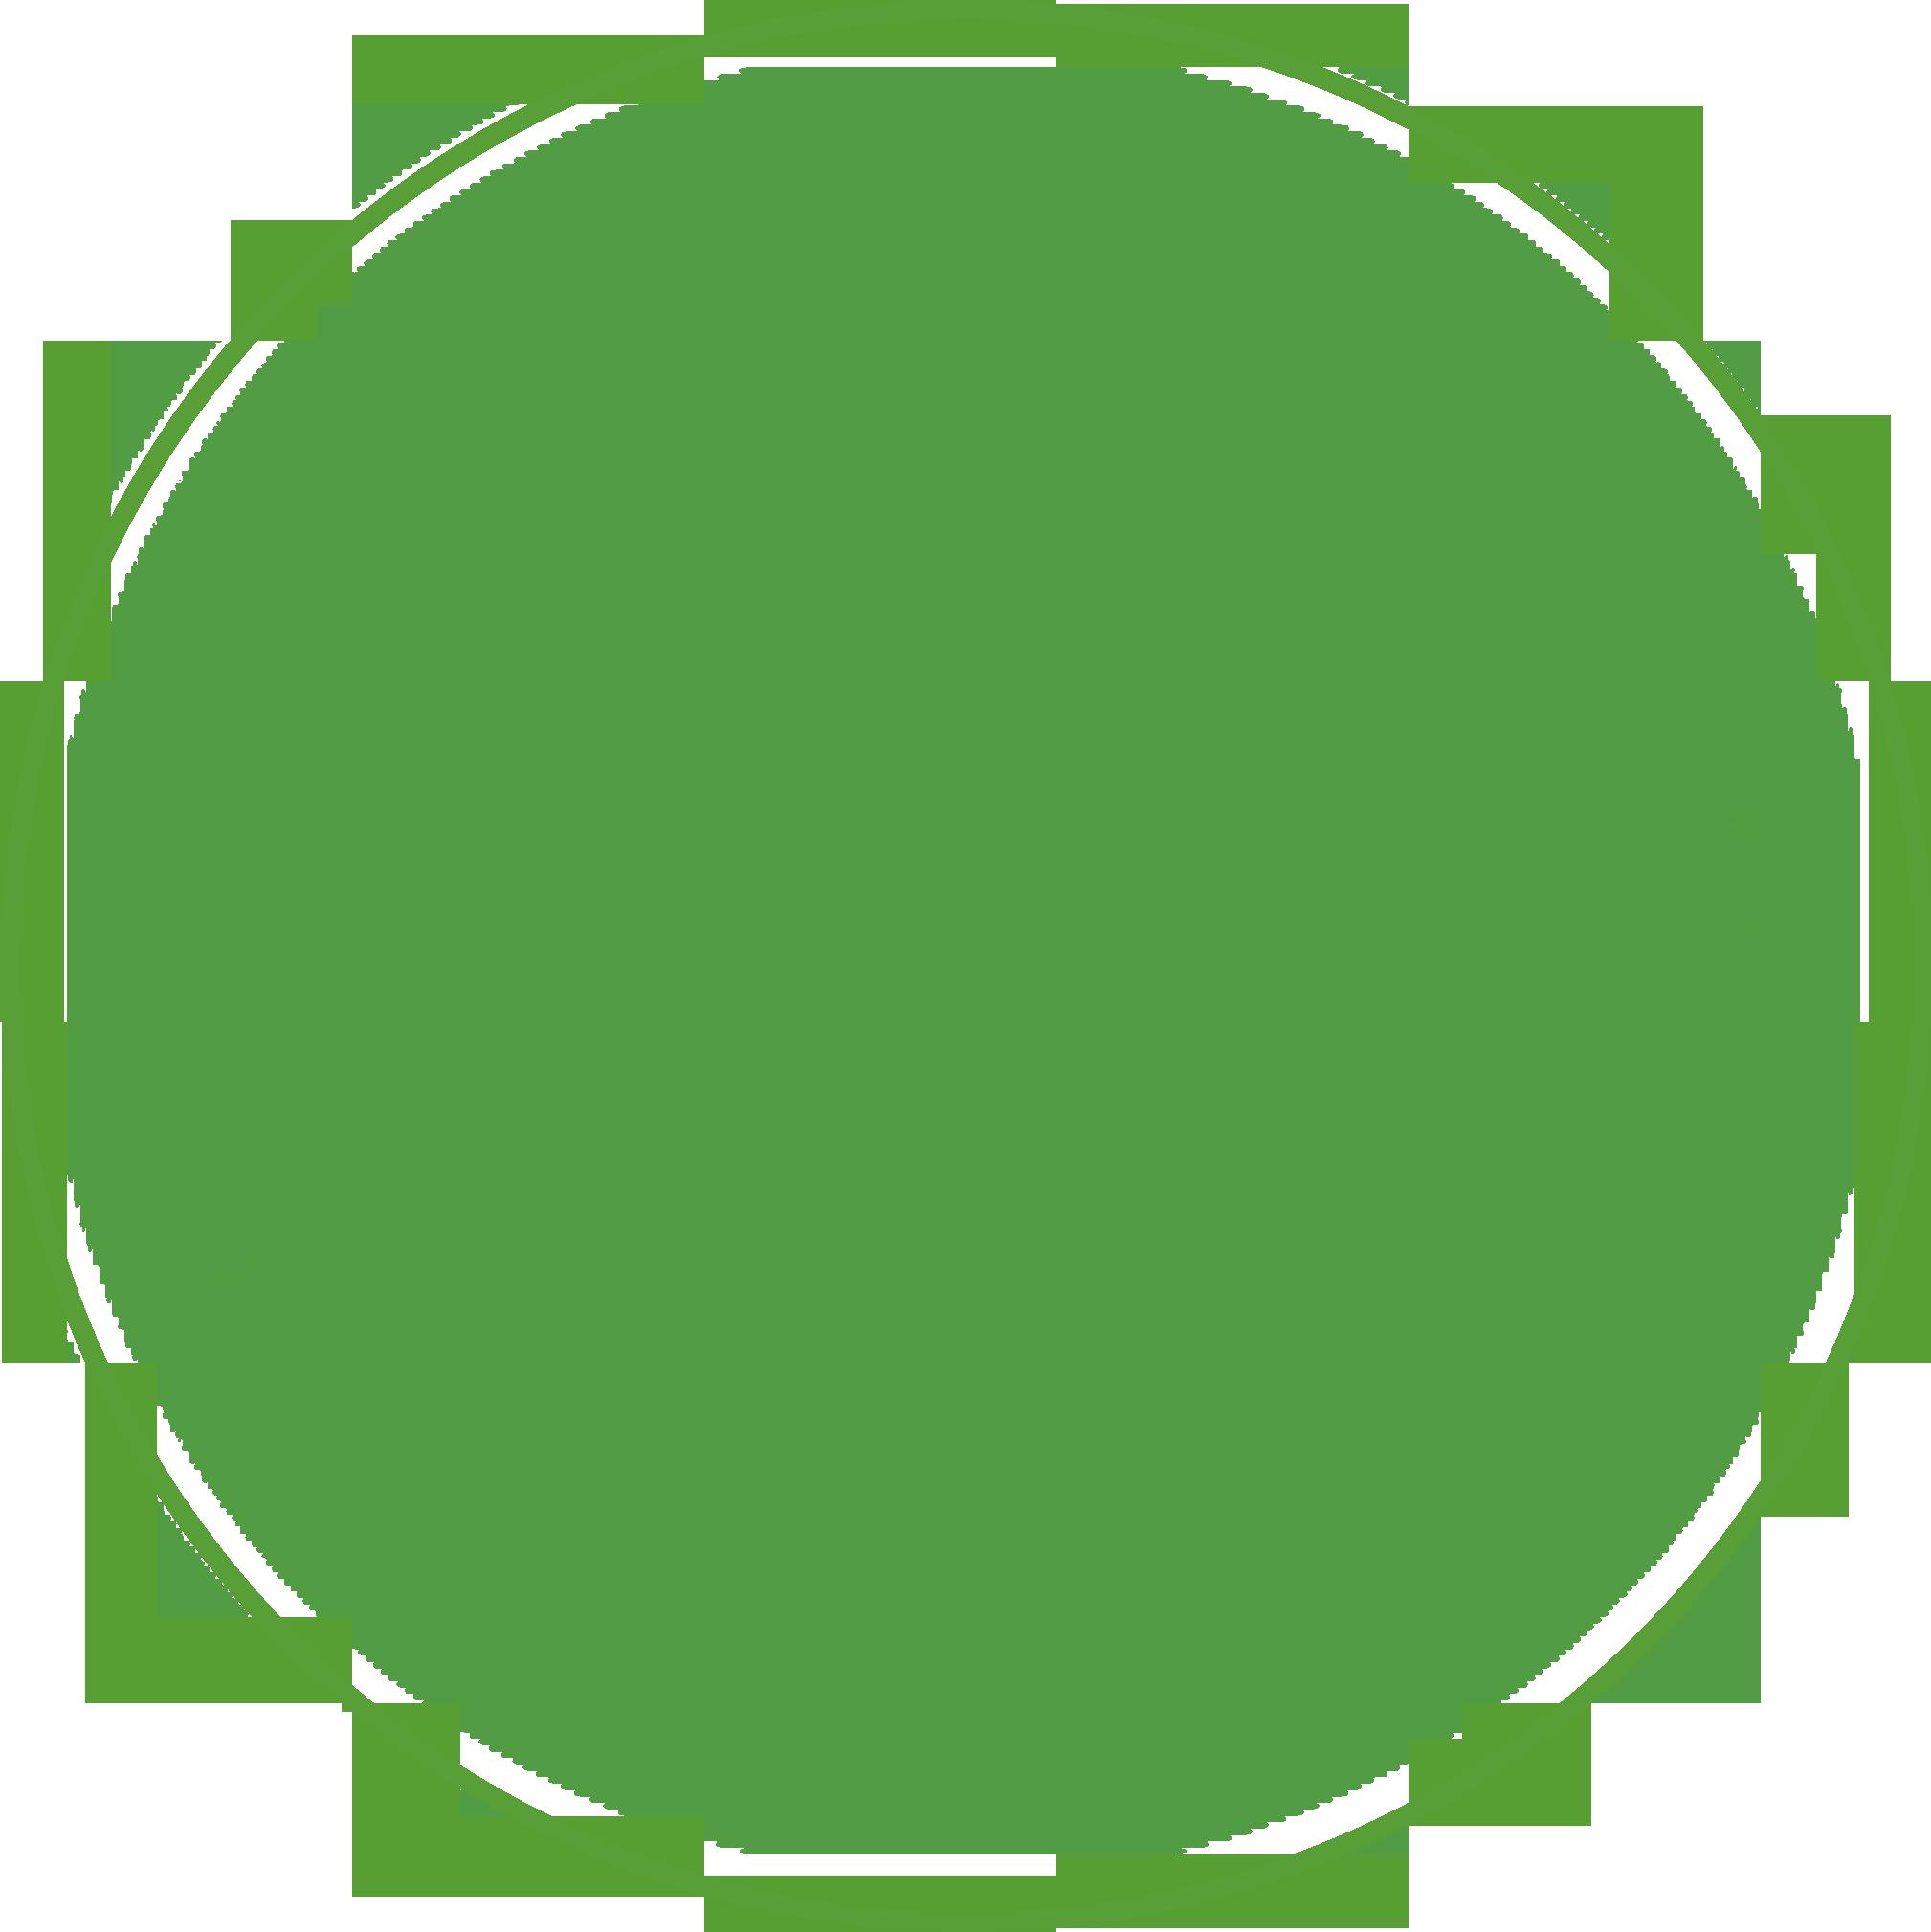 Certificación de construcción sostenible LEED